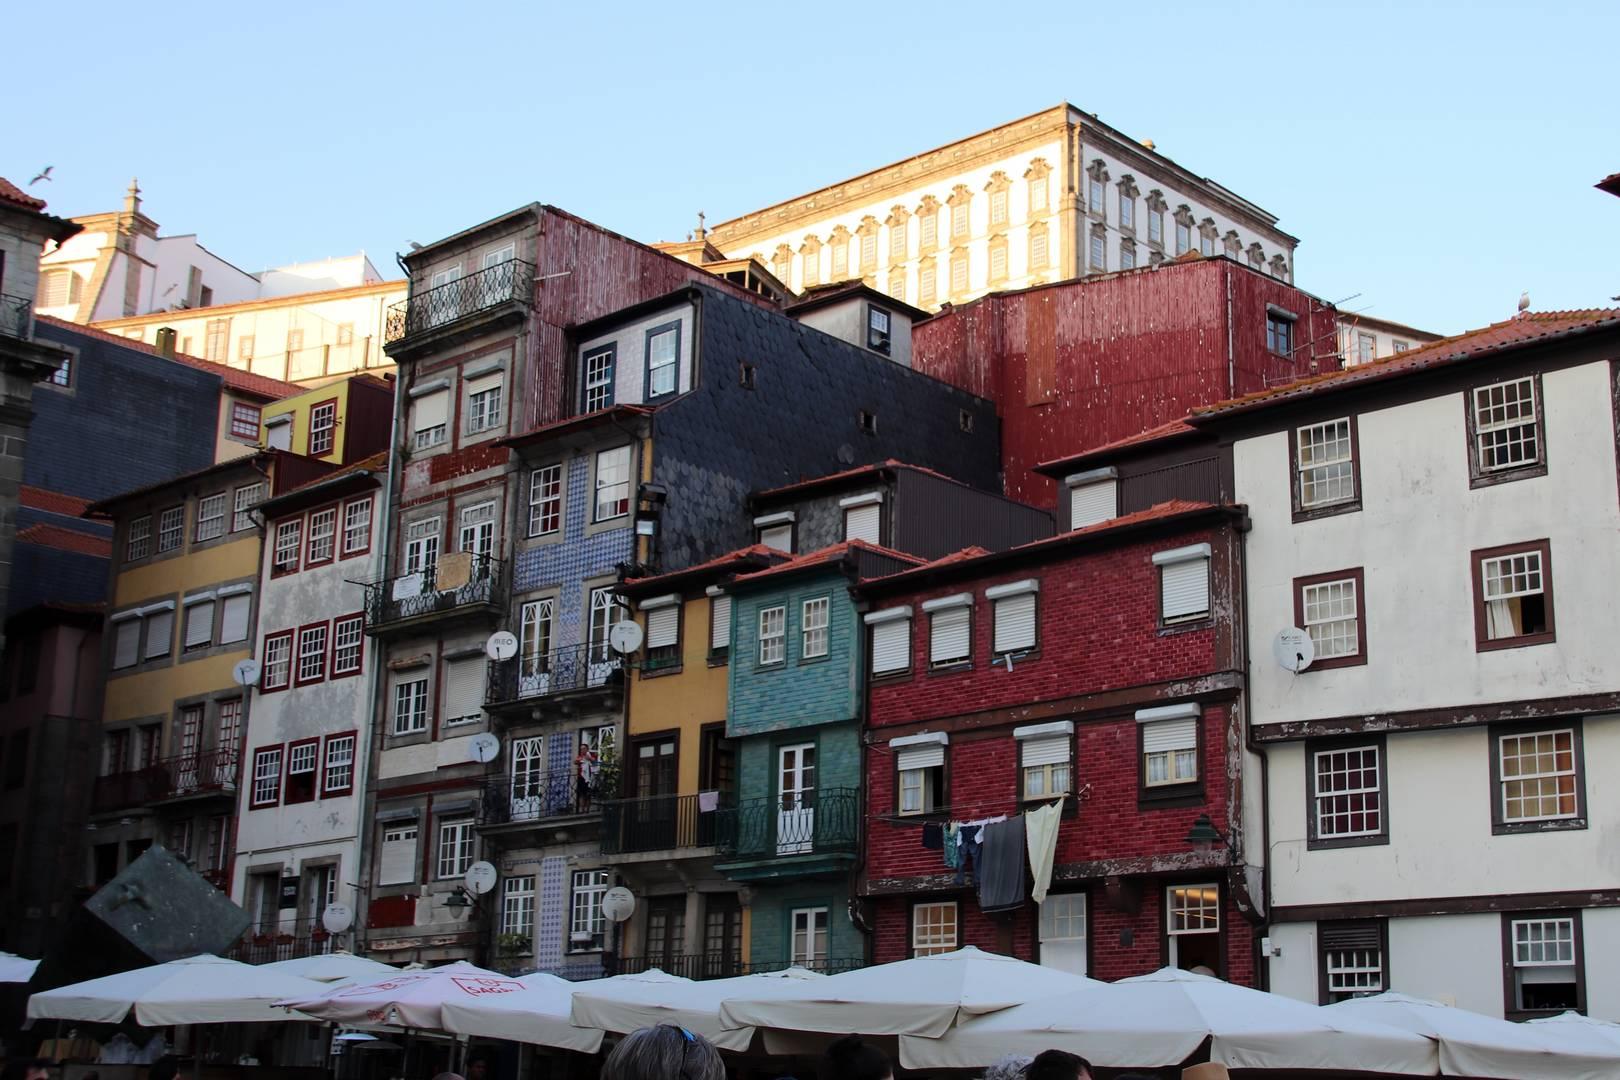 Portugal - Maisons colorées dans le coeur historique de Porto